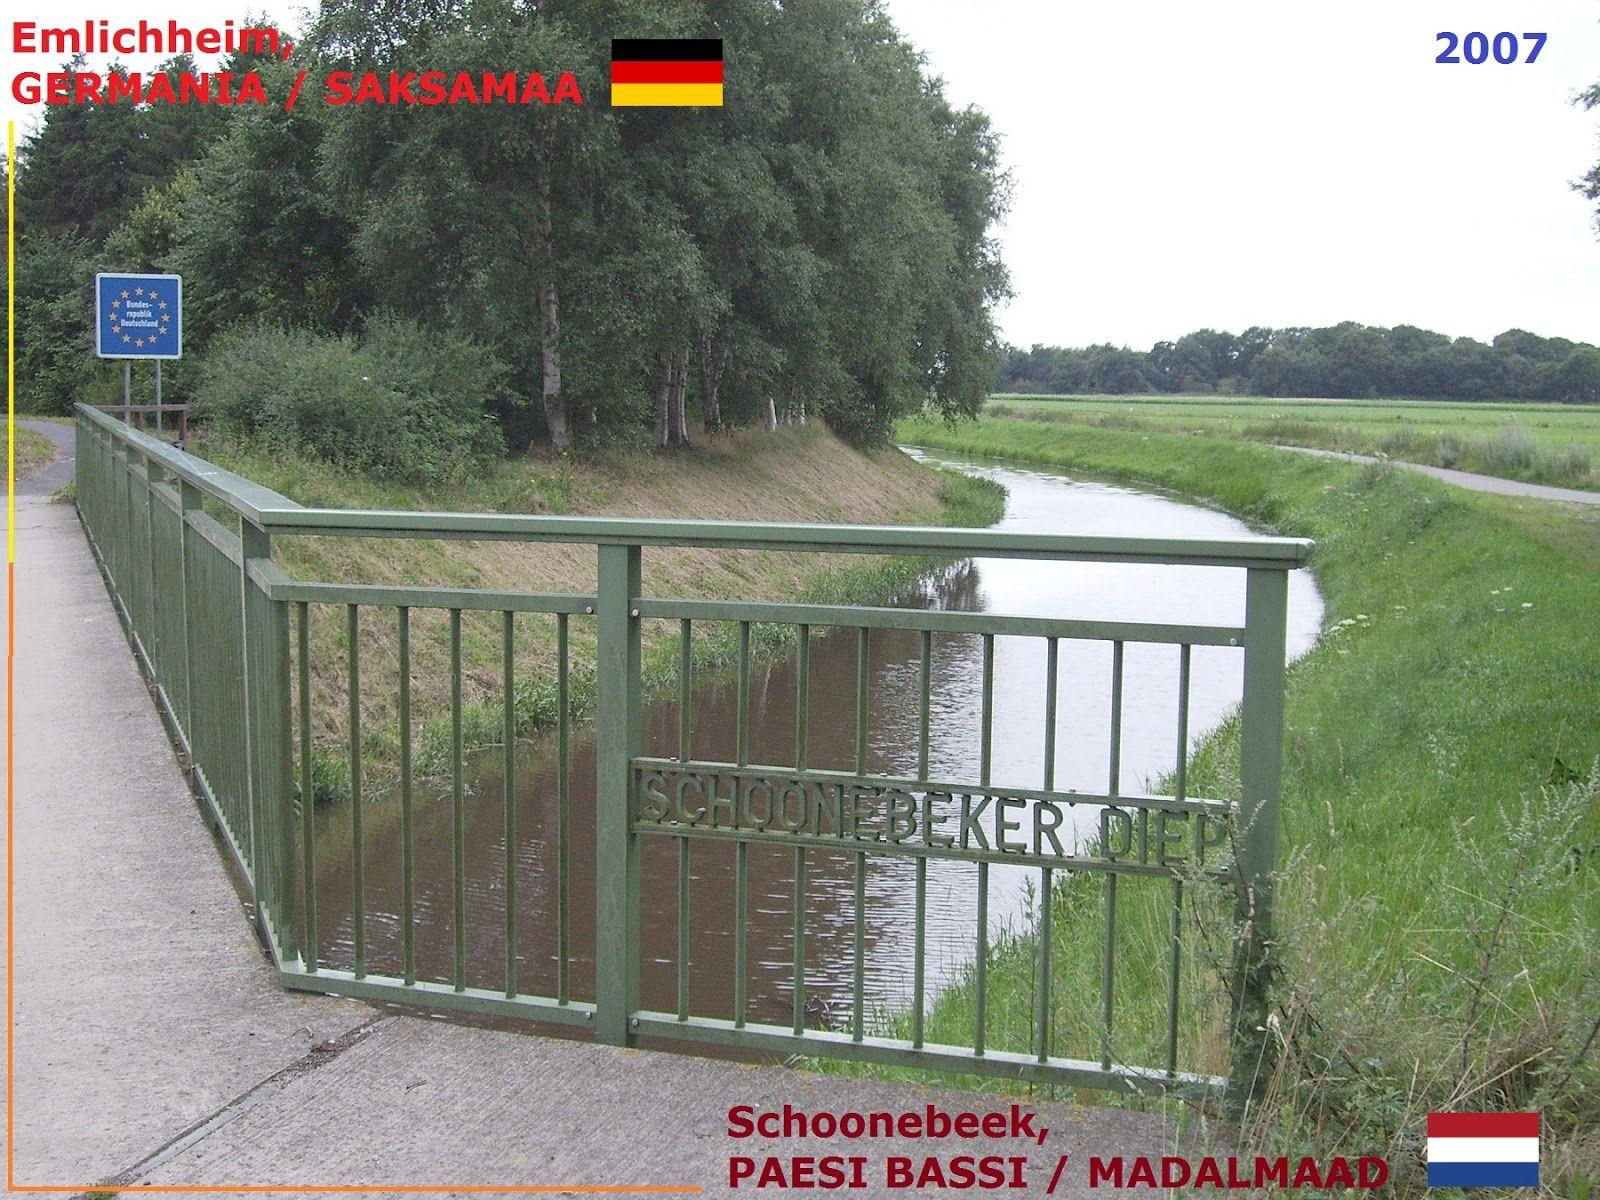 Confini amministrativi - Riigipiirid - Political borders - 国境 - 边界: 2007 DE-NL Saksamaa-Madalmaad Germania-Paesi Bassi...